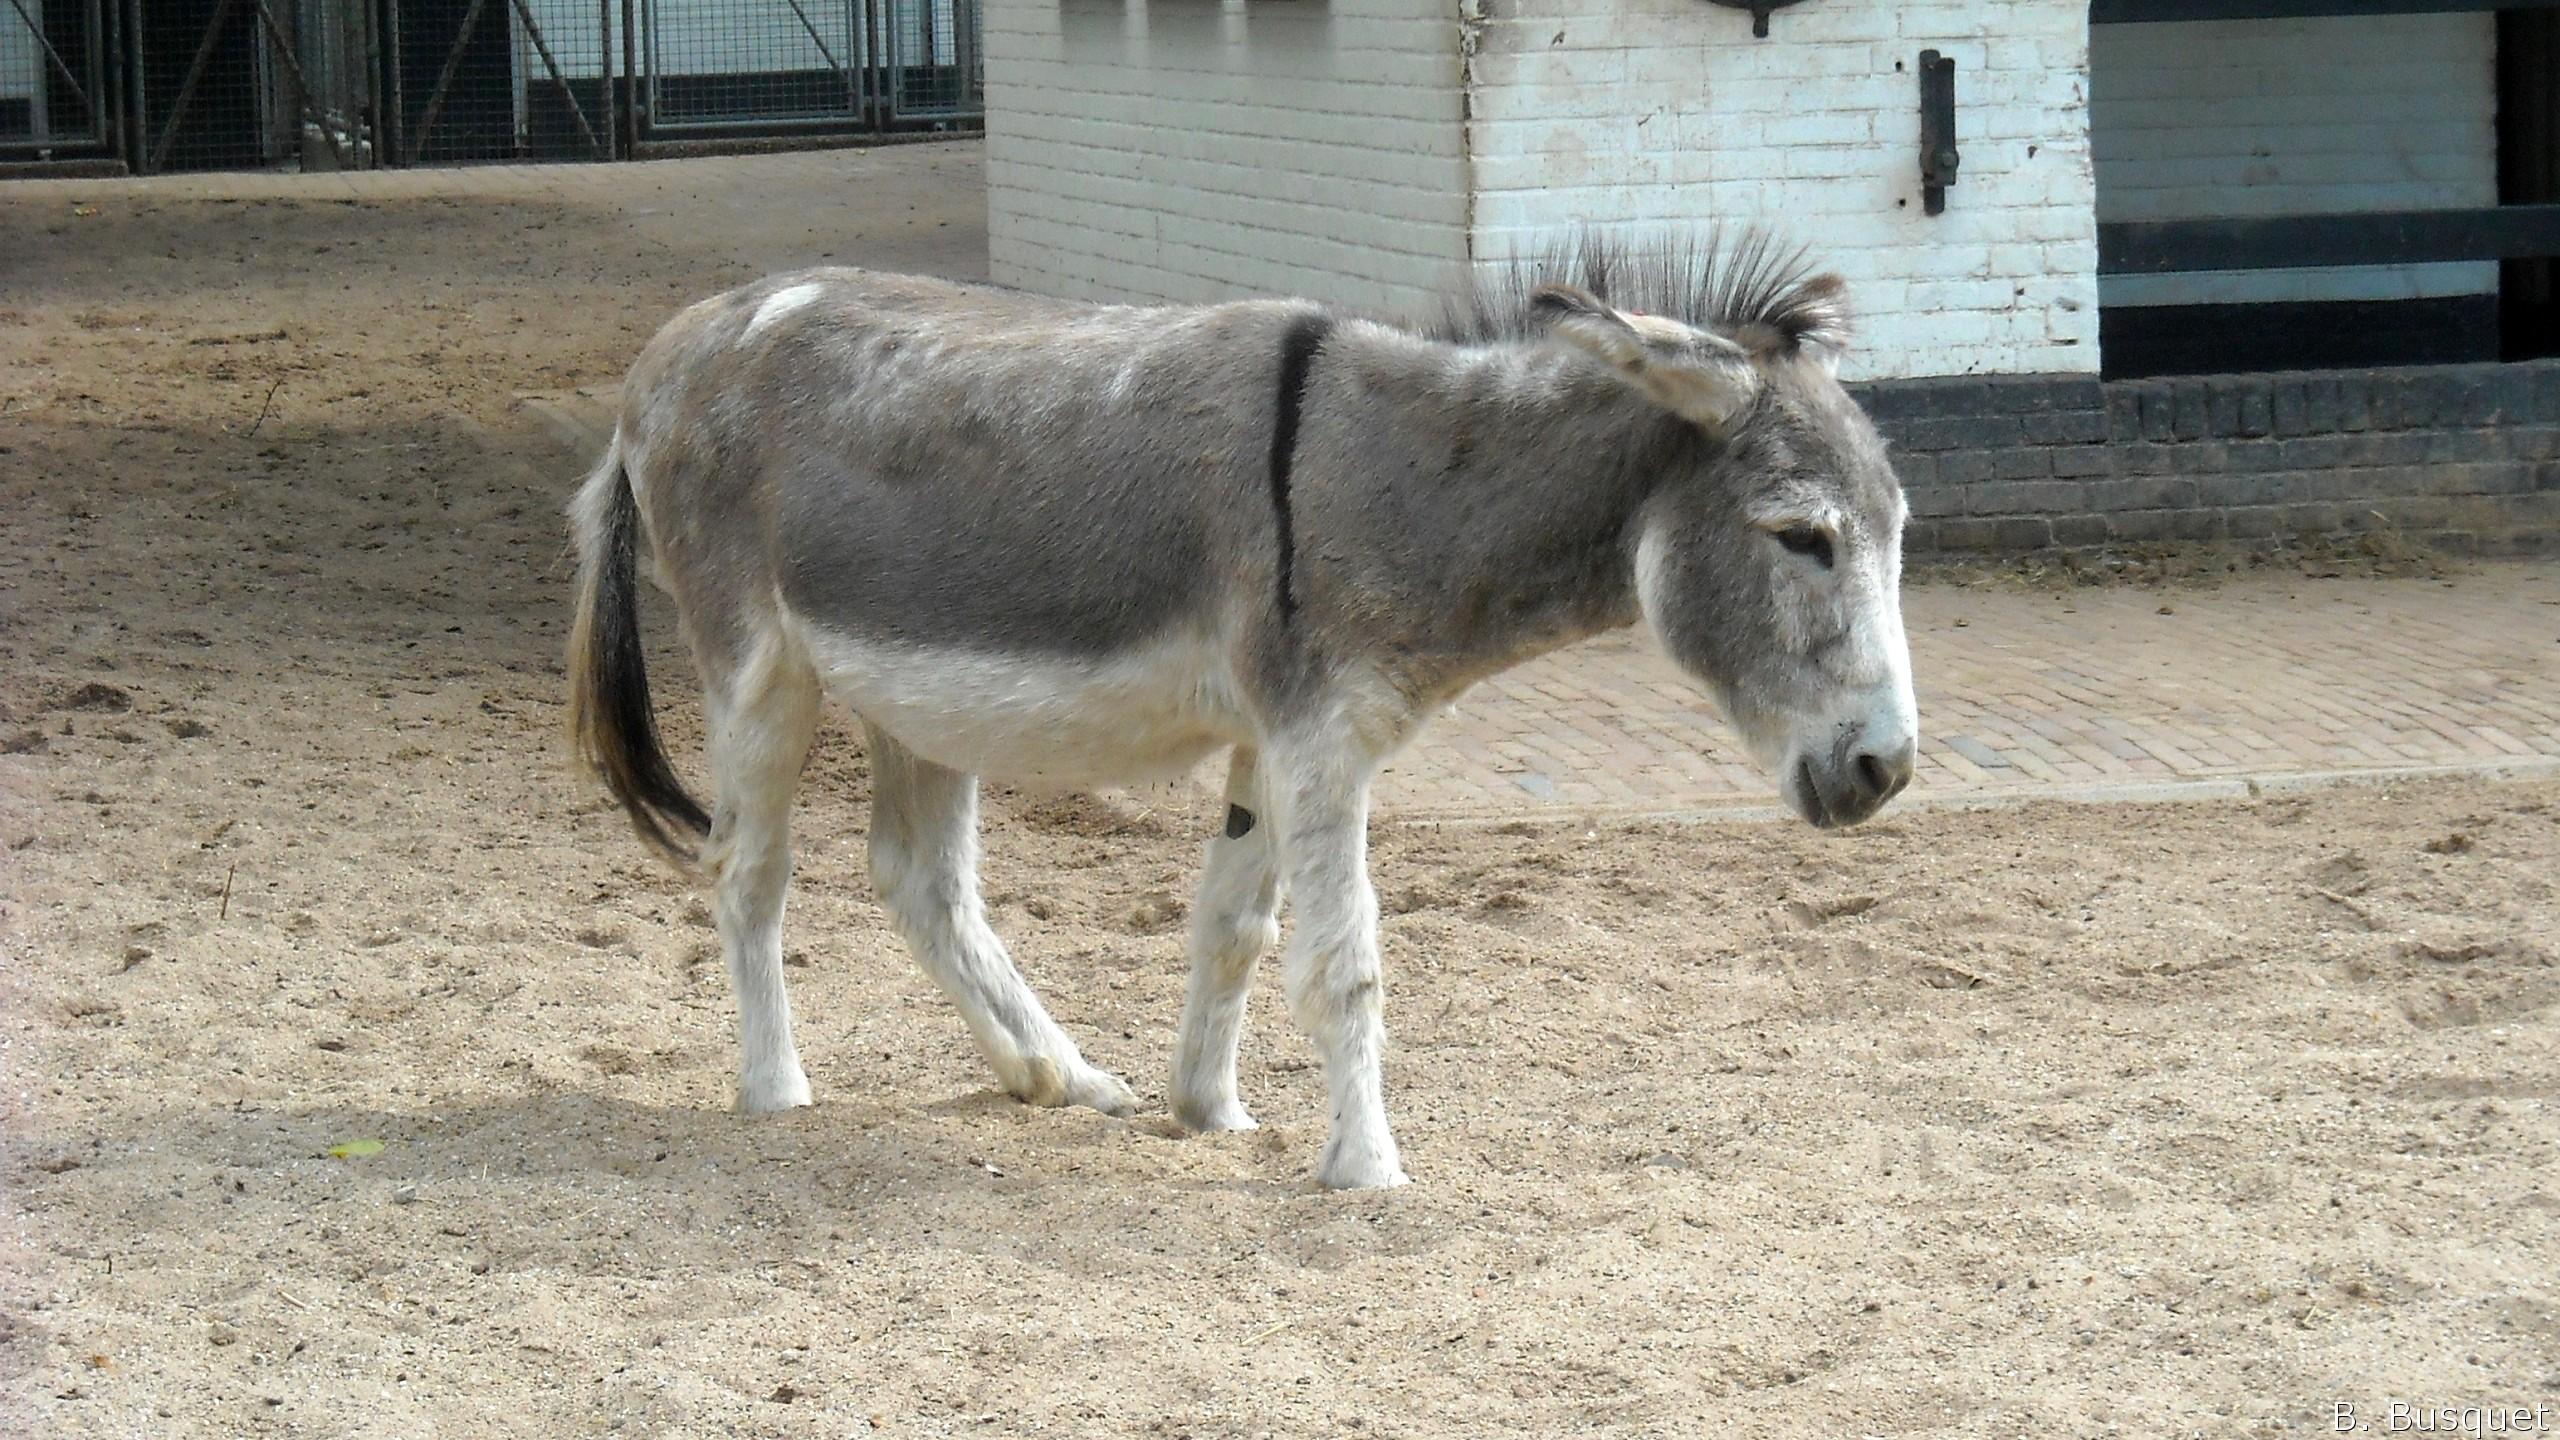 The Legend of the Donkey s Cross - Jesus rode into Jerusalem on Pictures of donkeys backs